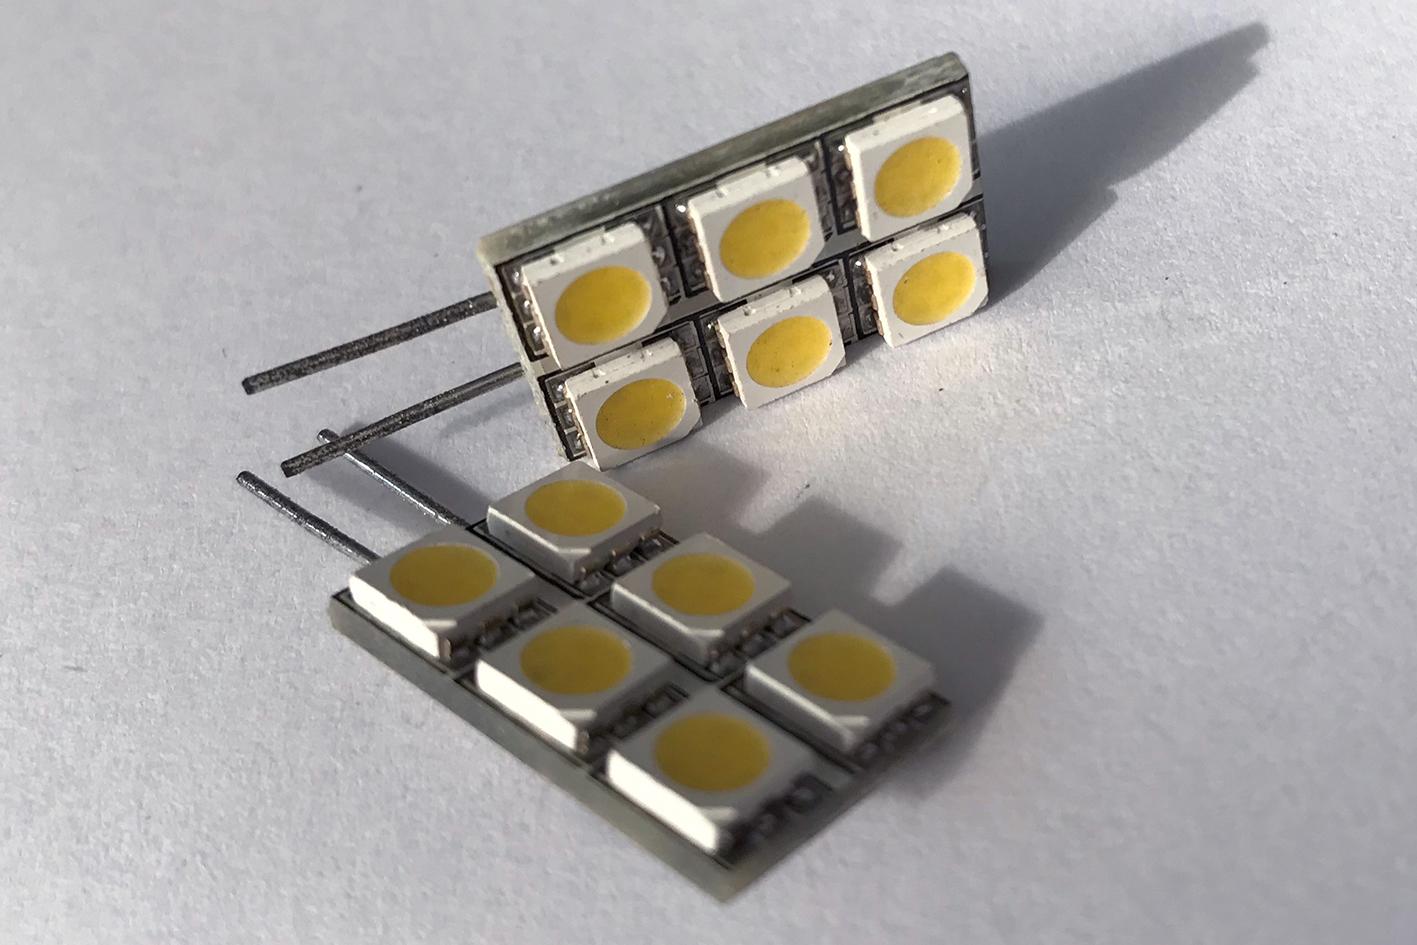 Coppia 2 Lampade Led G4 Con 6 Smd 5050 Colore Bianco Caldo 3000K 12V 1W